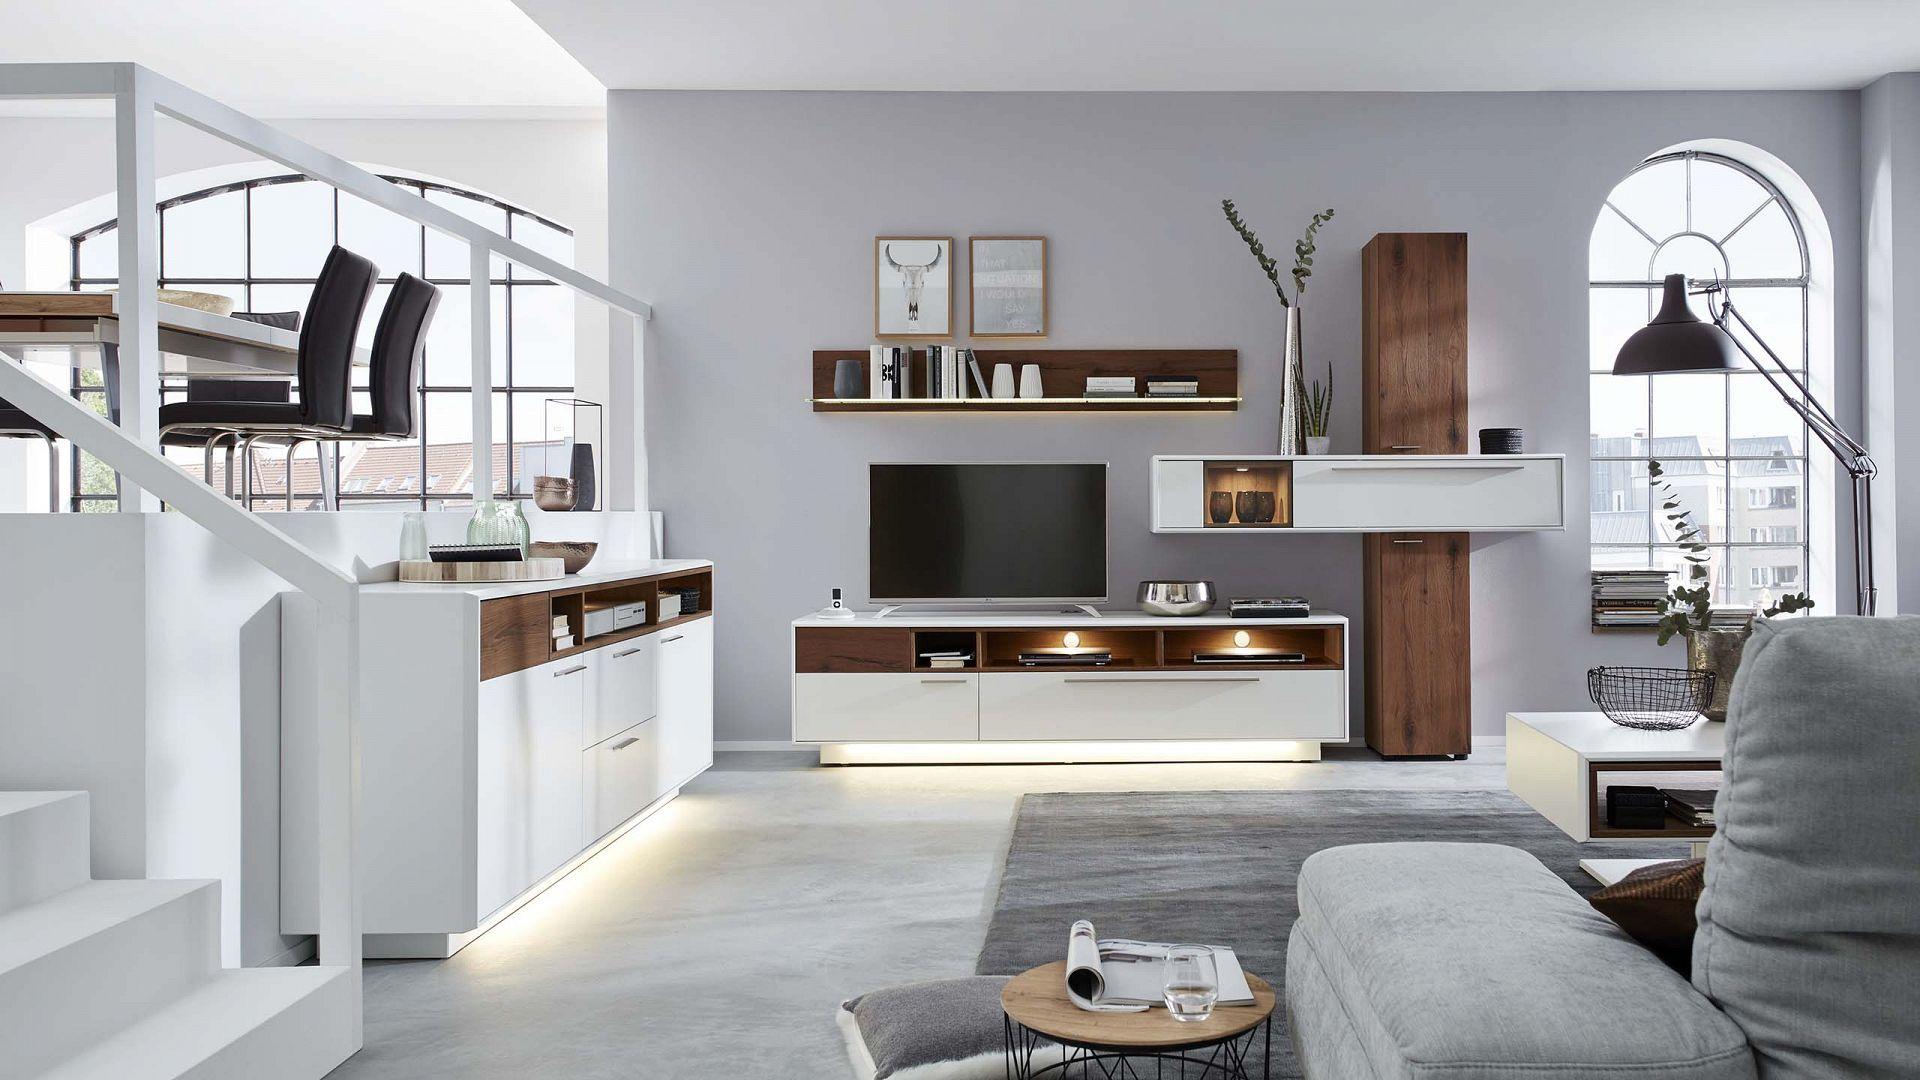 Interliving Wohnzimmer Serie 2102 Image